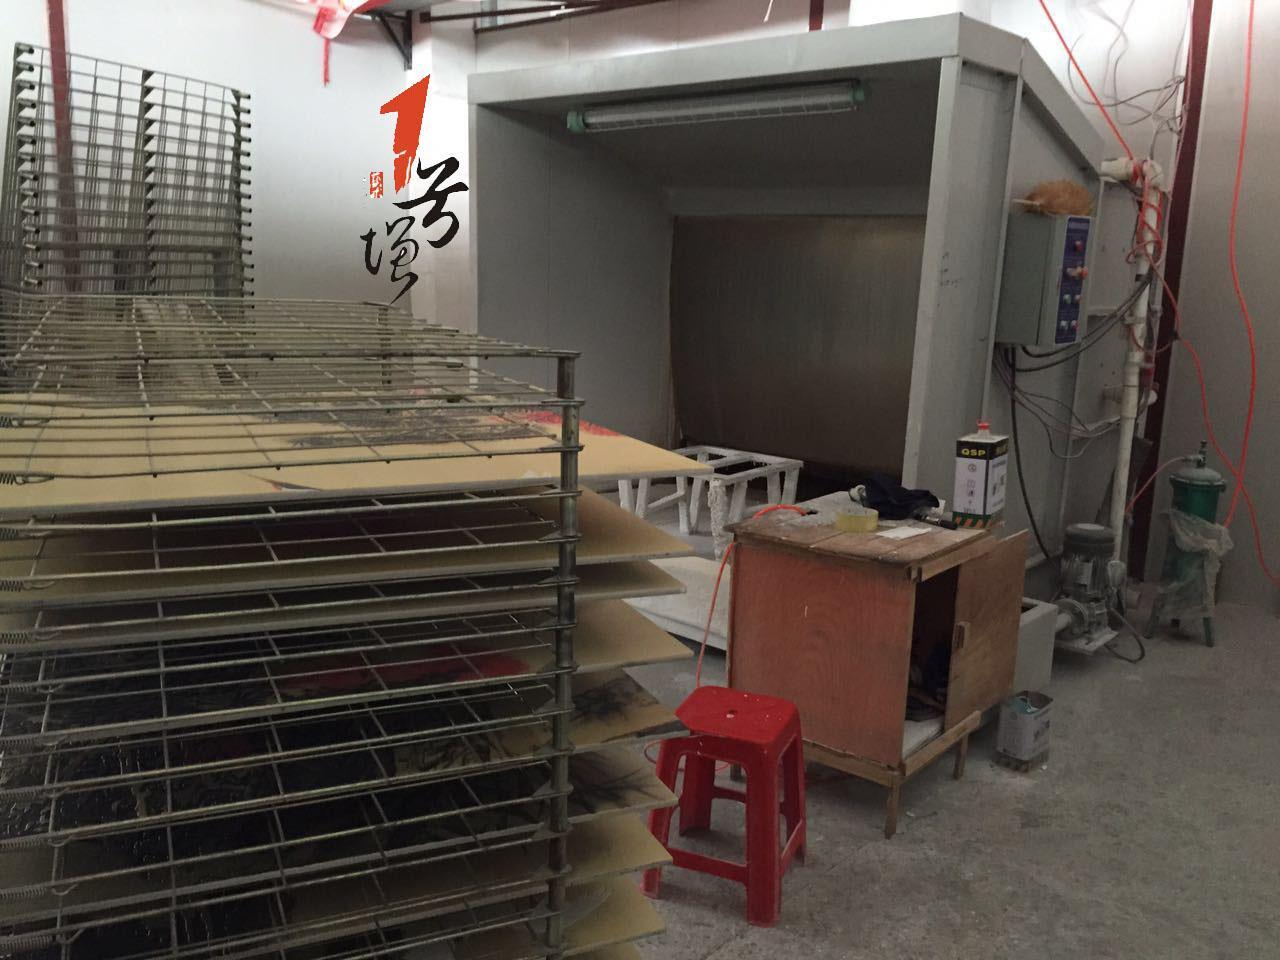 工厂烤漆中背景墙厂家背景墙品牌背景墙生产厂家瓷砖背景墙厂家